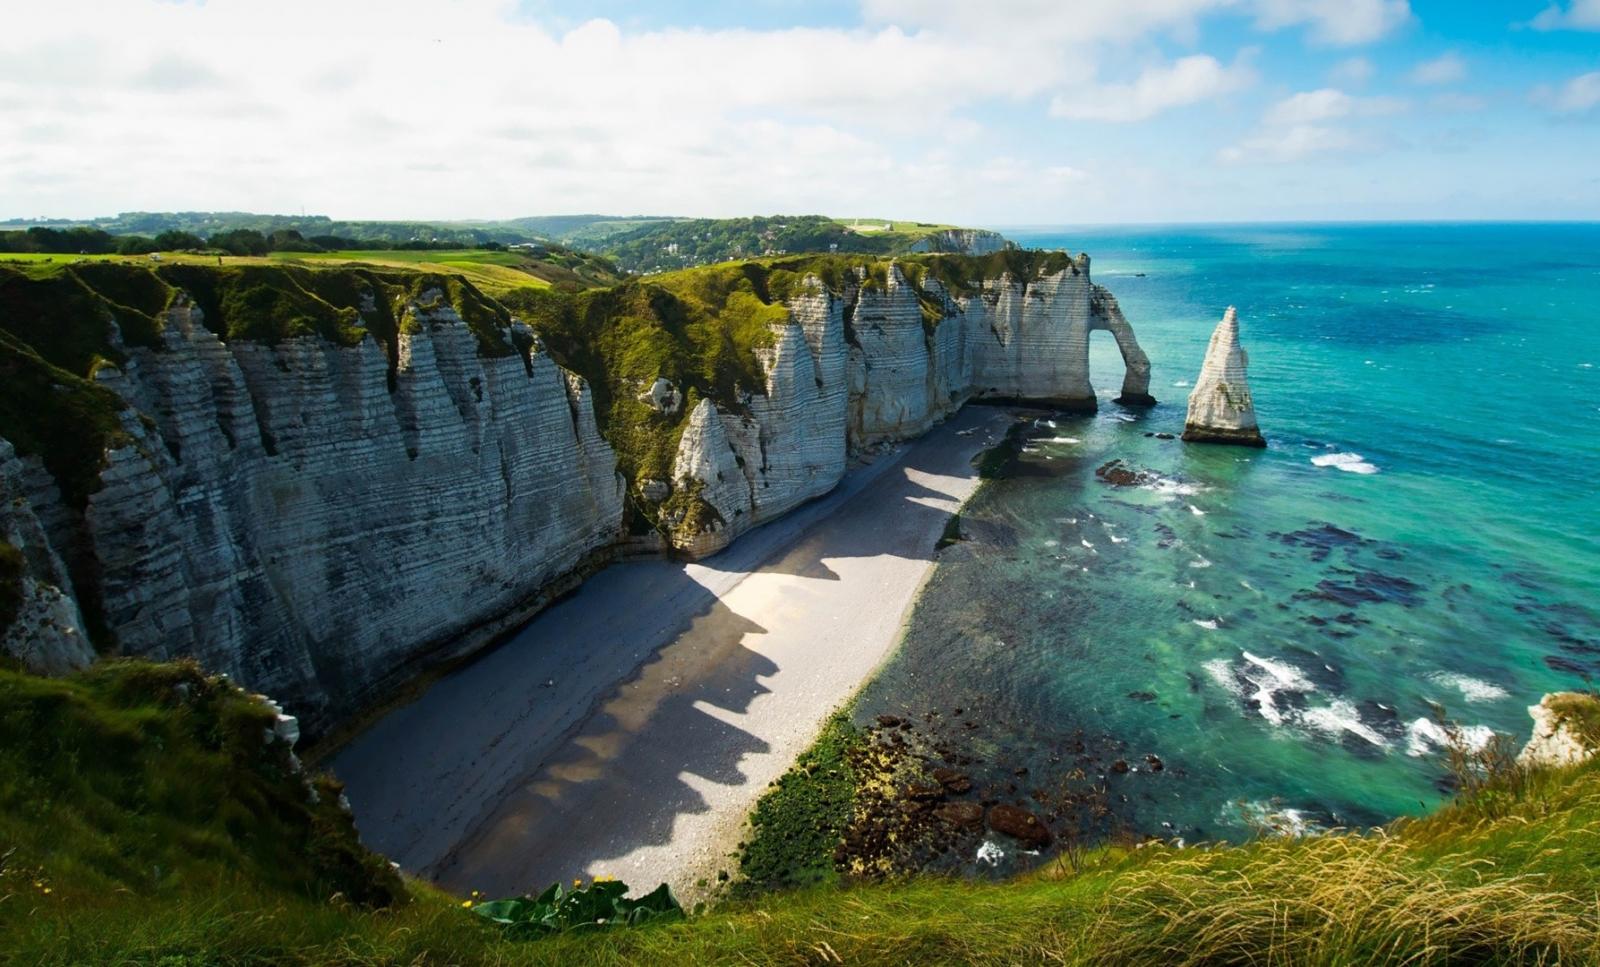 Công quốc Normandy với những ngôi làng cổ đẹp tuyệt vời